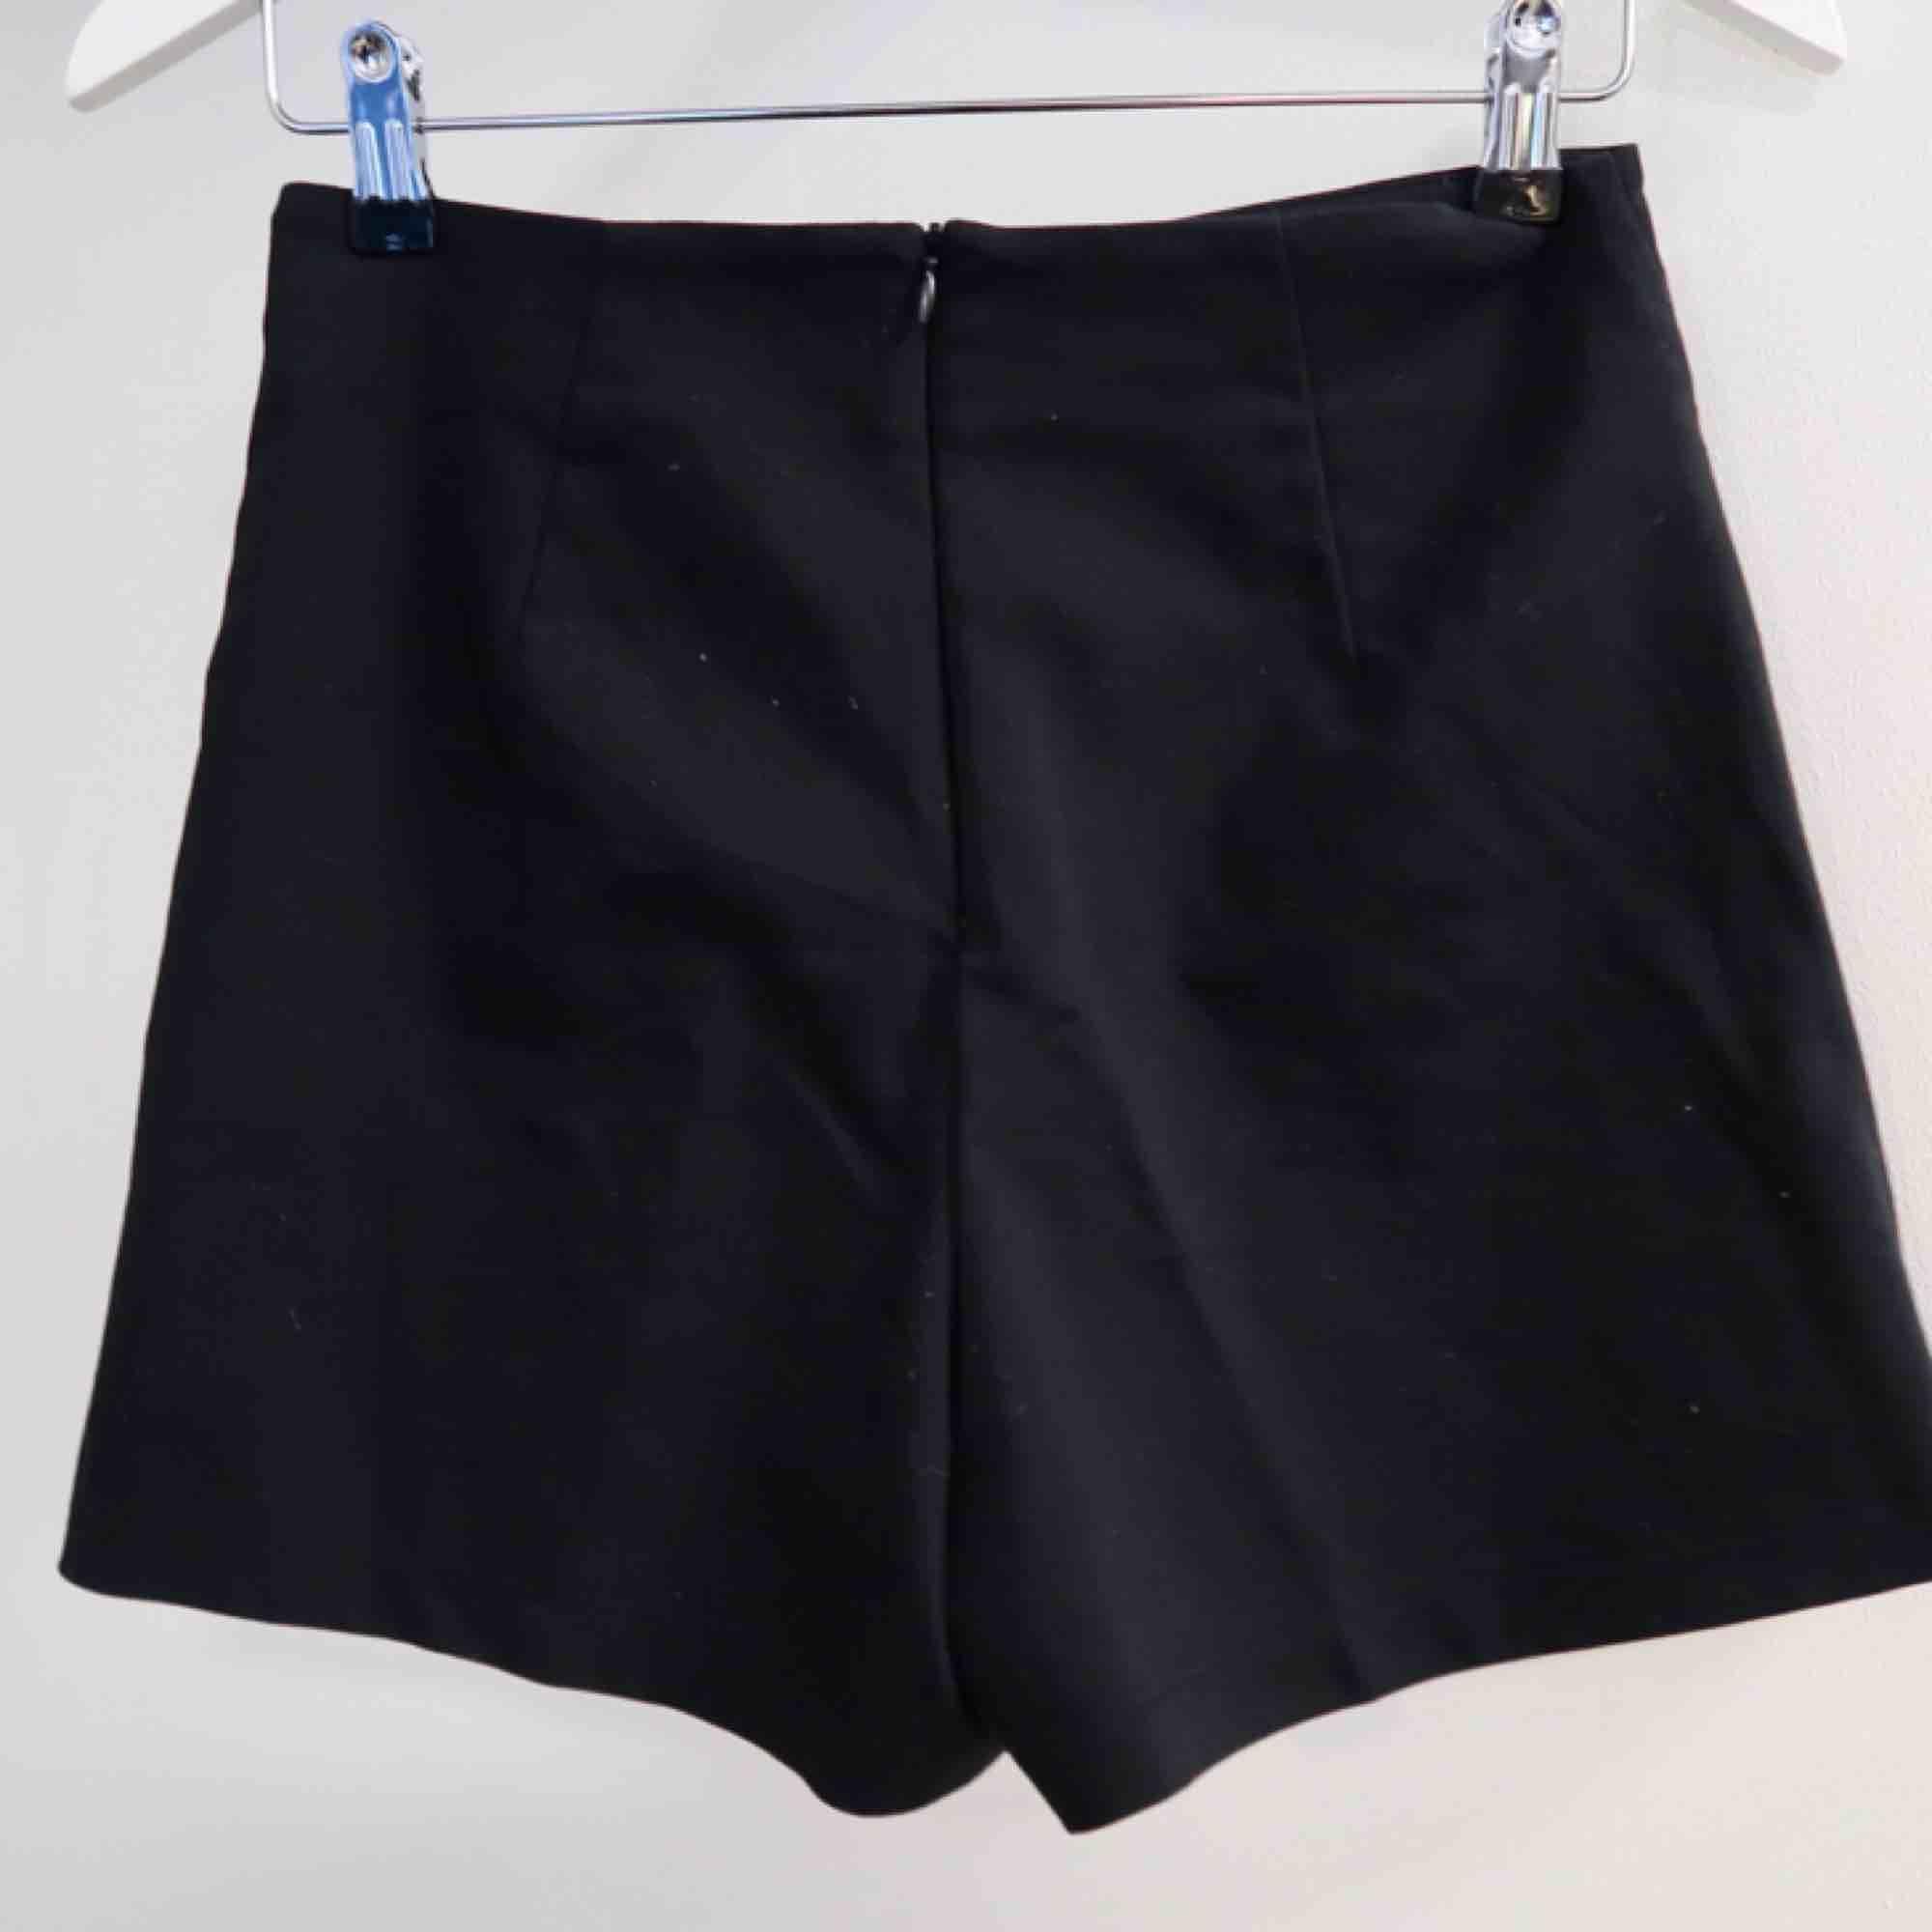 Snygg kjol-shorts med ring detaljer! (Ser ut som en kjol fram ifrån men är i själva verket ett par shorts) se bild 2 och 3!!! . Kjolar.